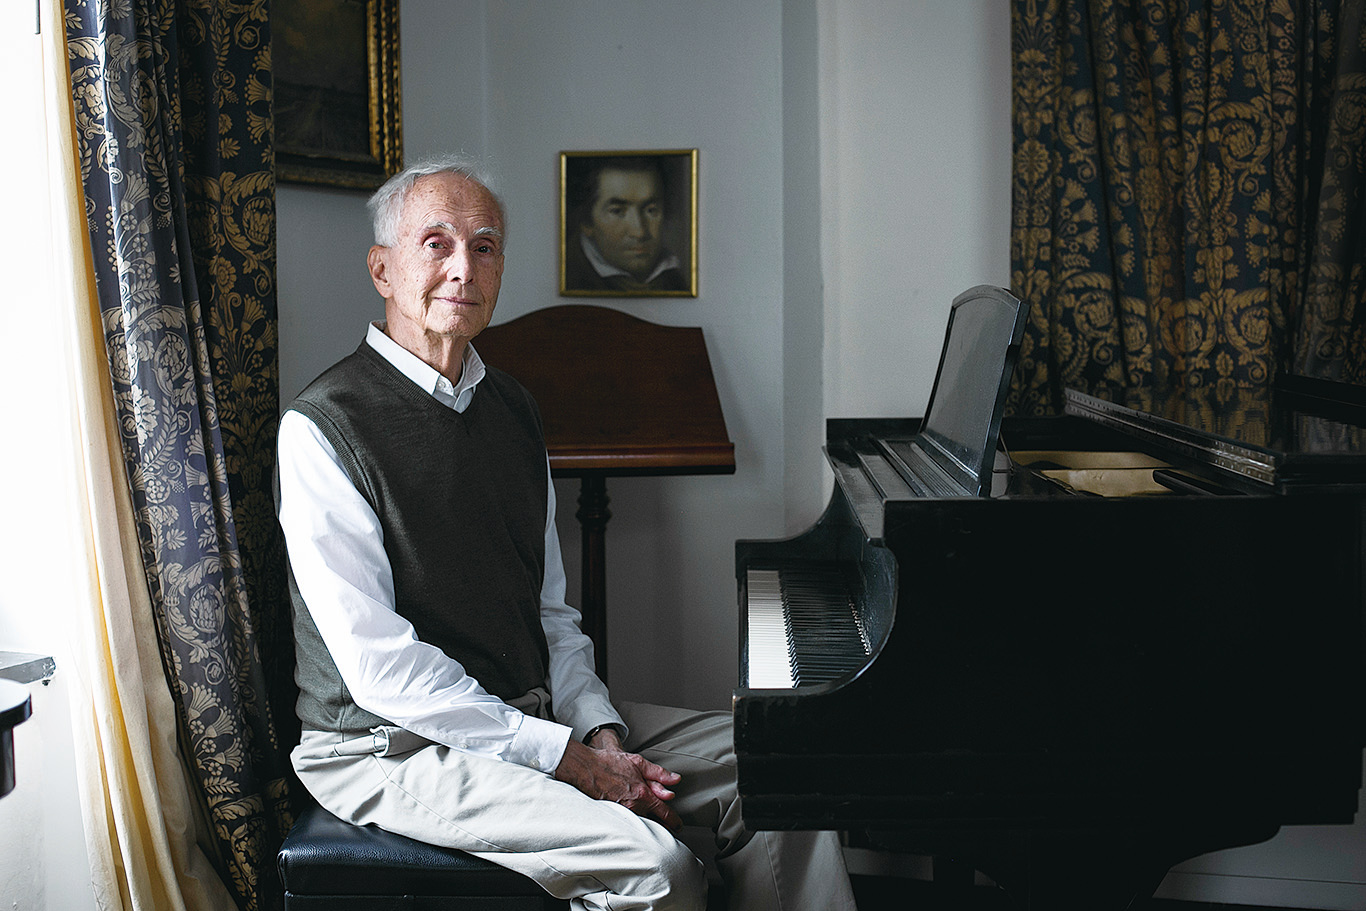 紐約鋼琴家比格在家中的鋼琴邊。(大紀元資料圖片)